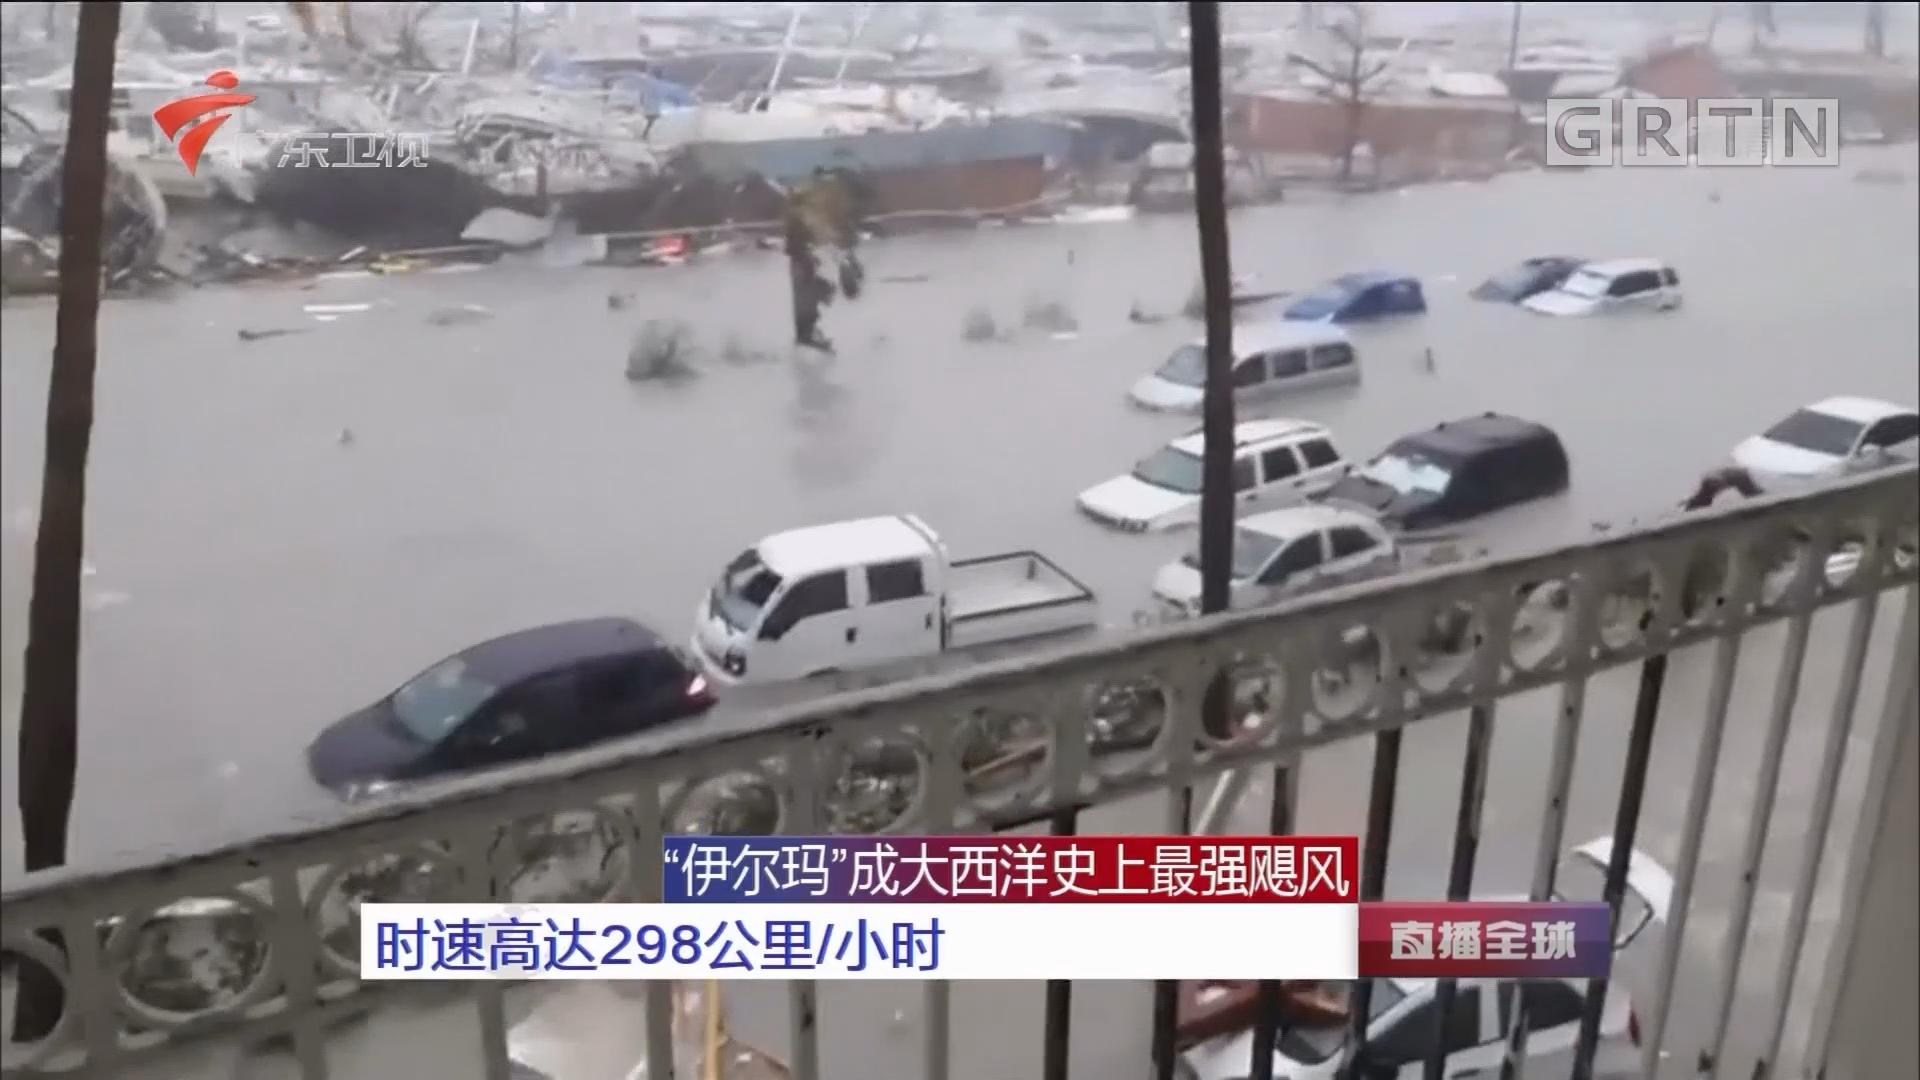 """""""伊尔玛""""成大西洋史上最强飓风 时速高达298公里/小时"""